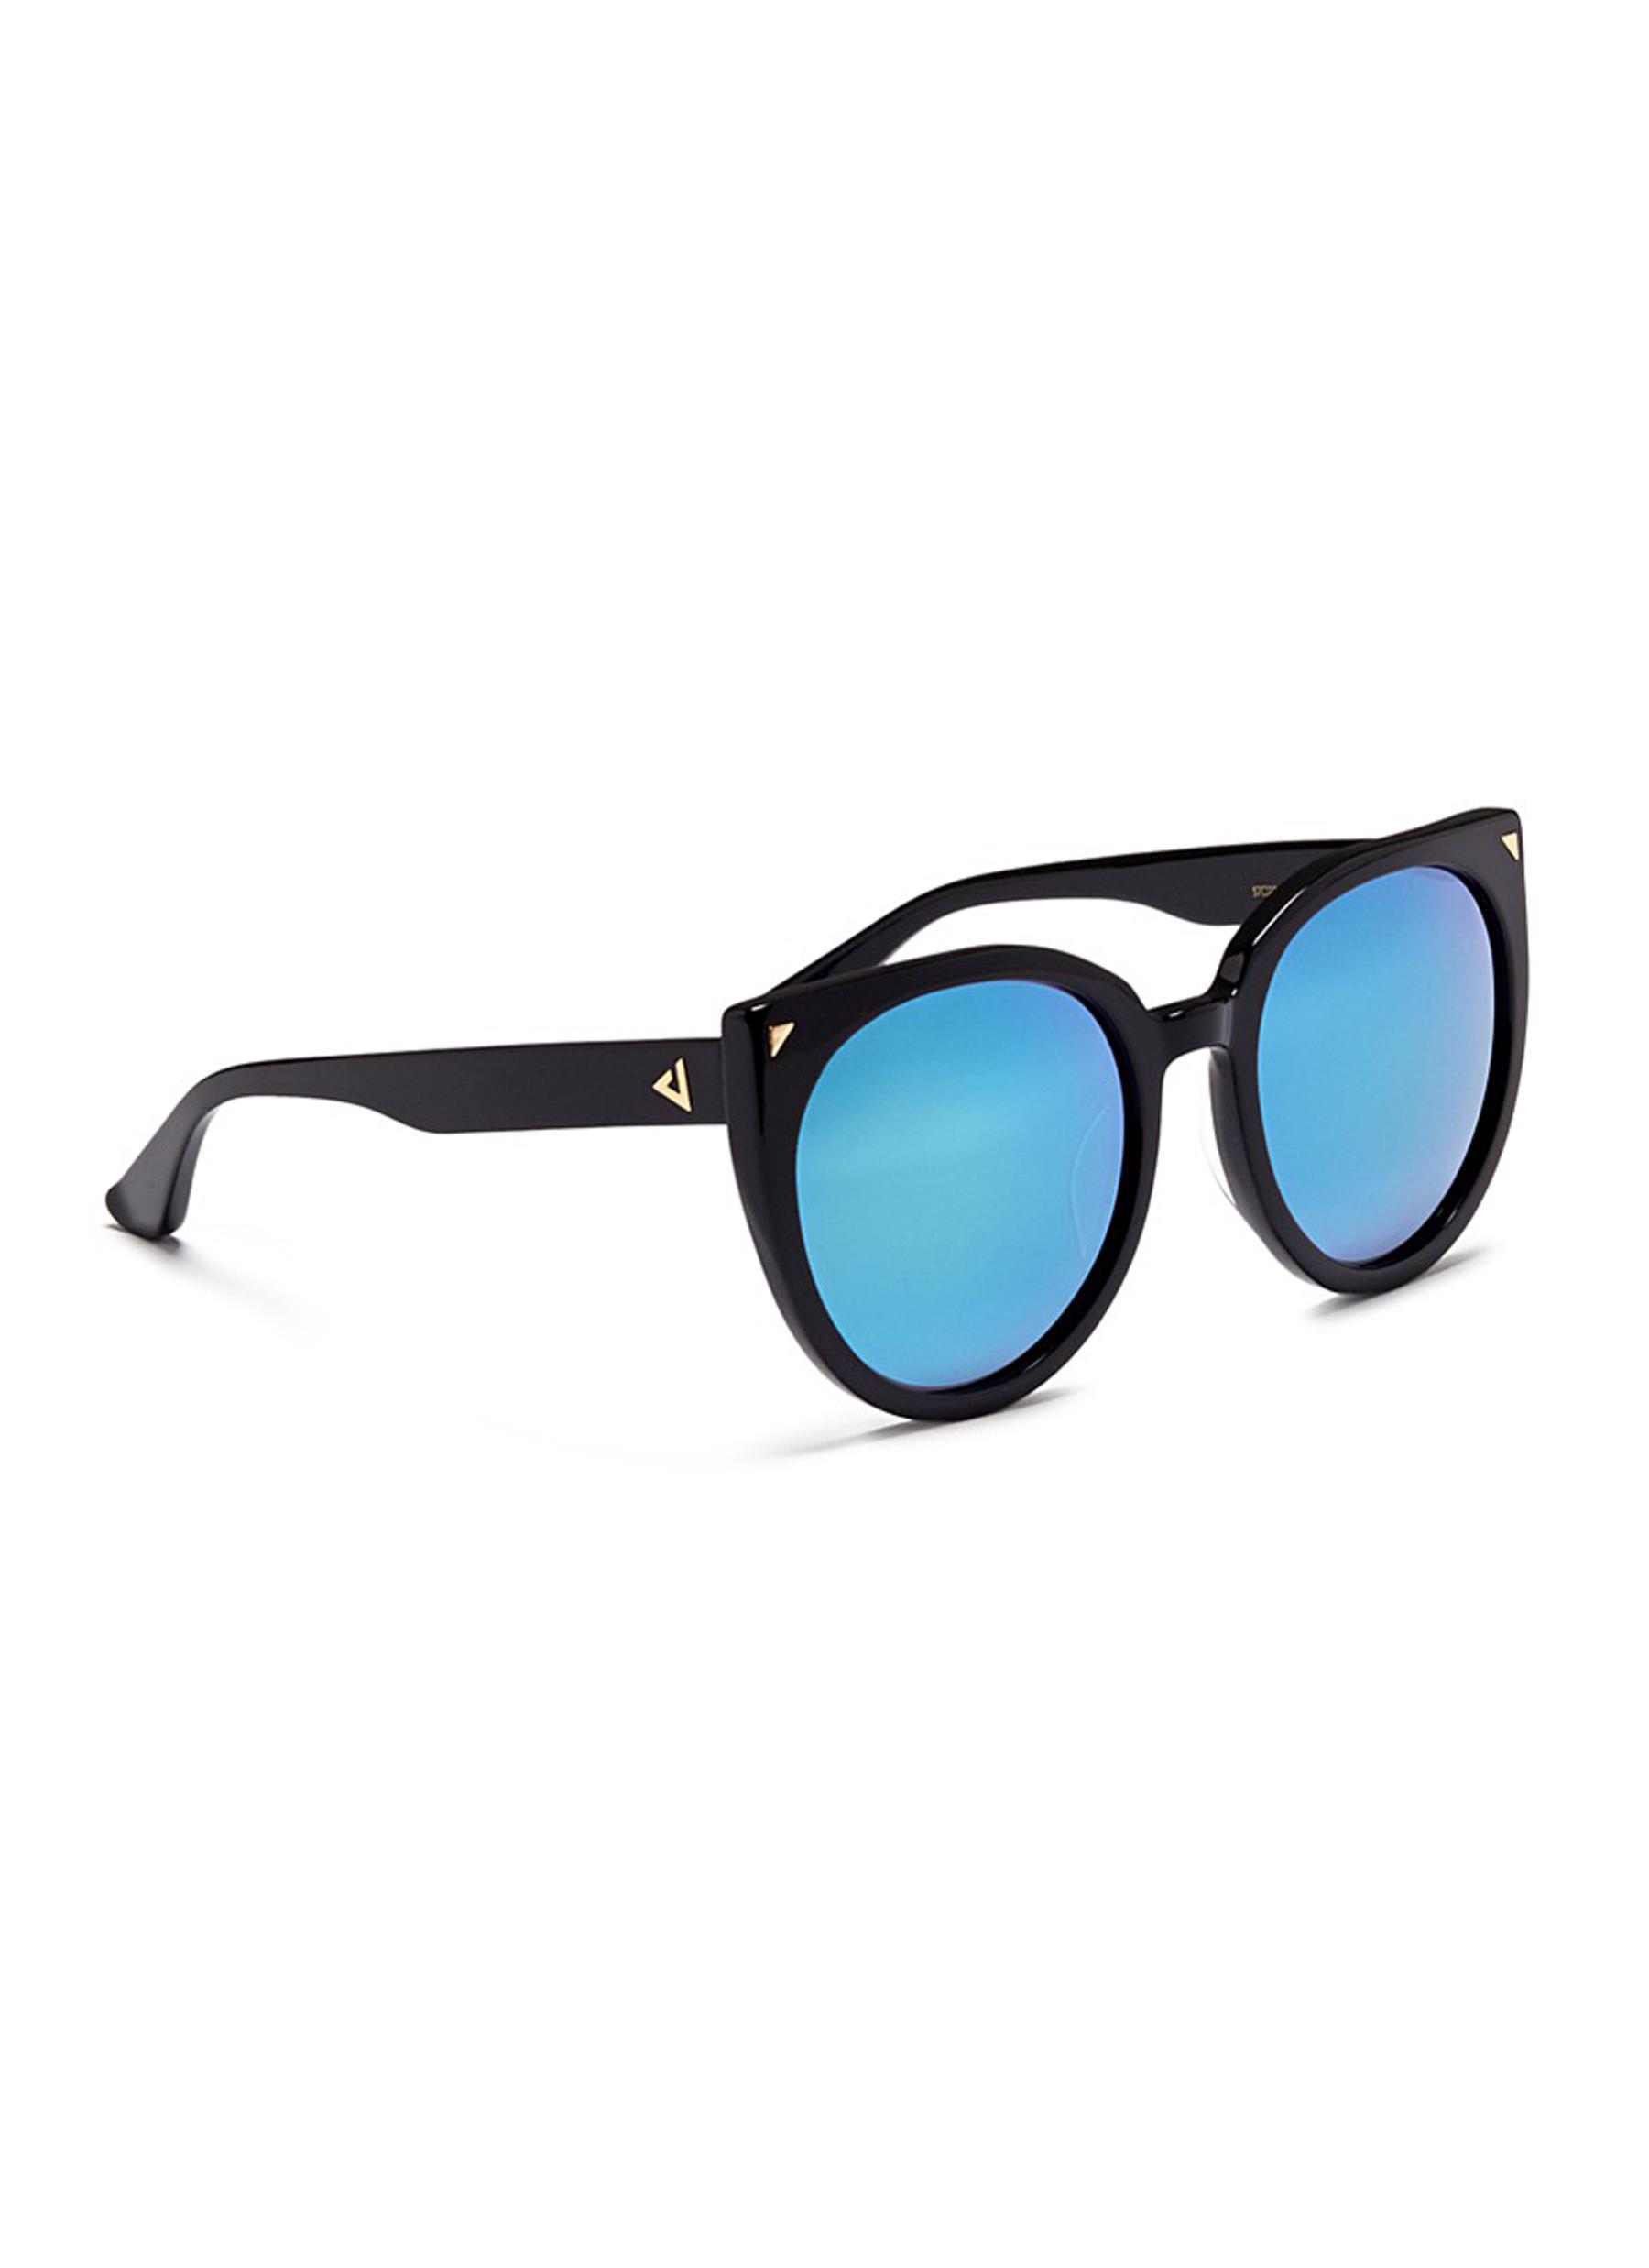 Stephane + Christian 'monroe' Oversize Cat Eye Acetate Mirror Sunglasses in Blue